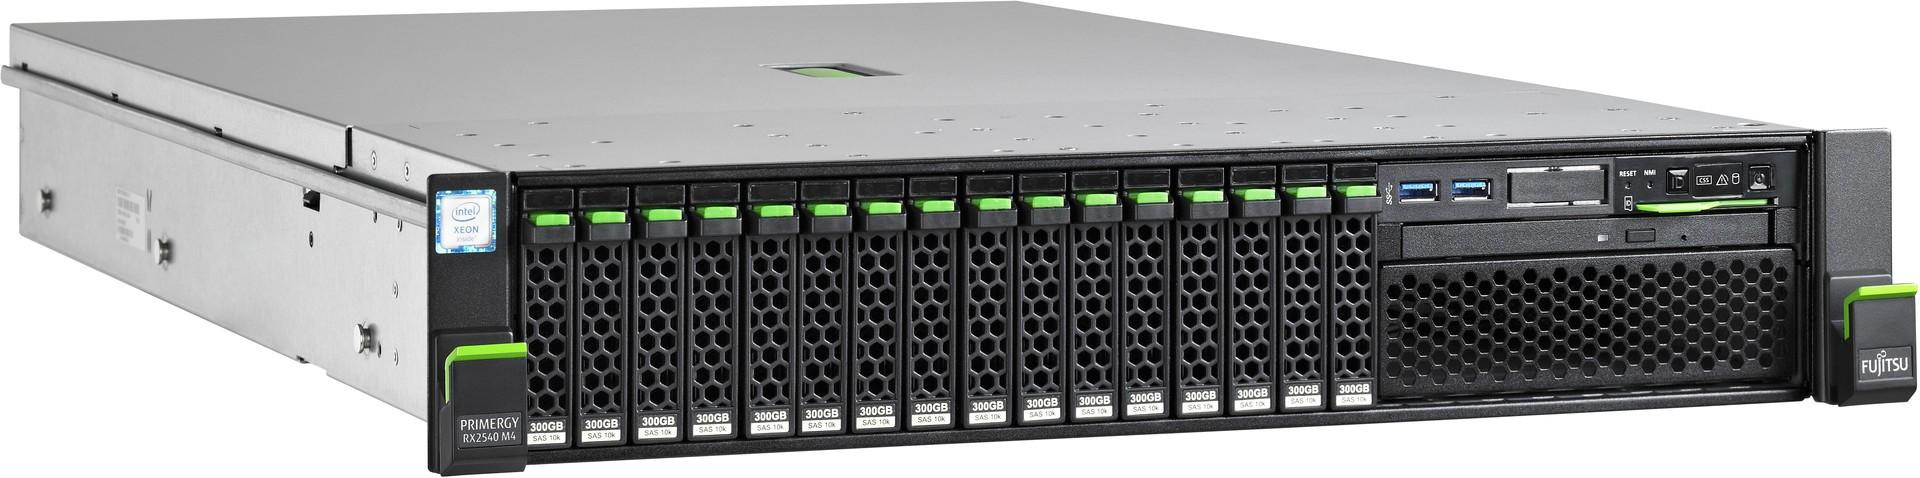 FUJITSU PRIMERGY Server RX2540 M4 16SFF